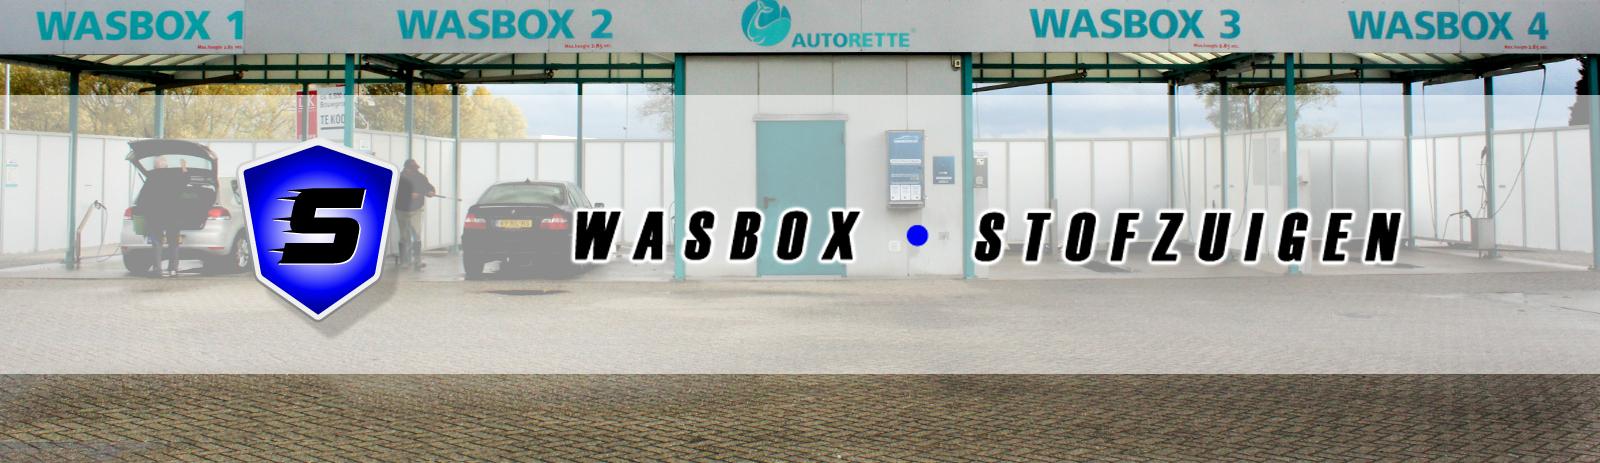 wasbox banner